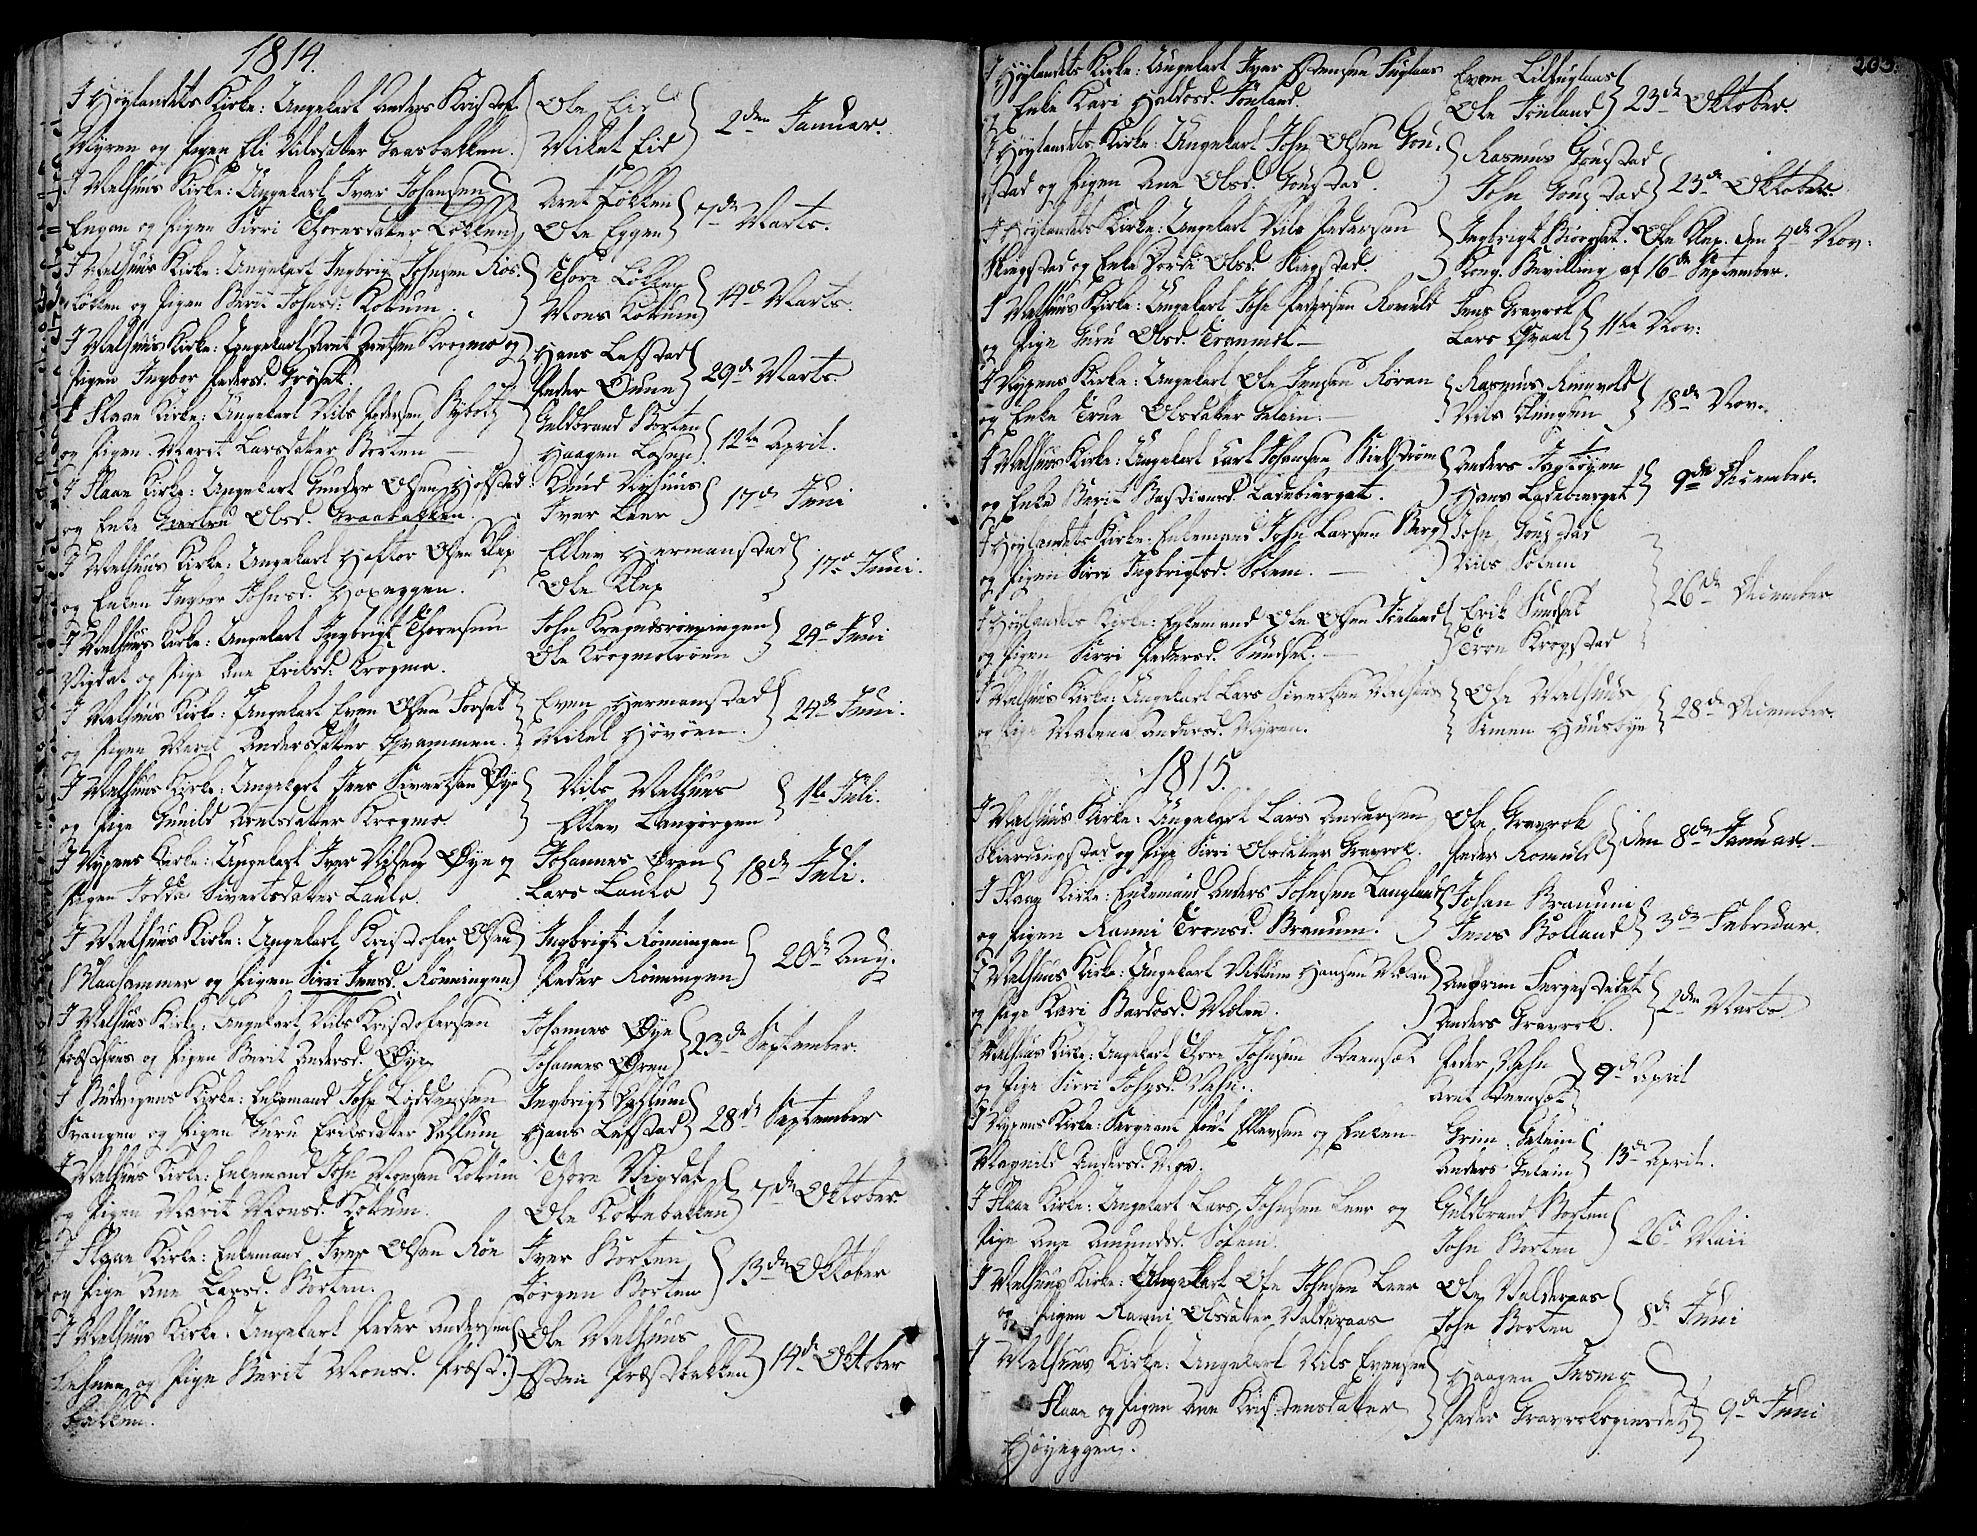 SAT, Ministerialprotokoller, klokkerbøker og fødselsregistre - Sør-Trøndelag, 691/L1061: Ministerialbok nr. 691A02 /1, 1768-1815, s. 203